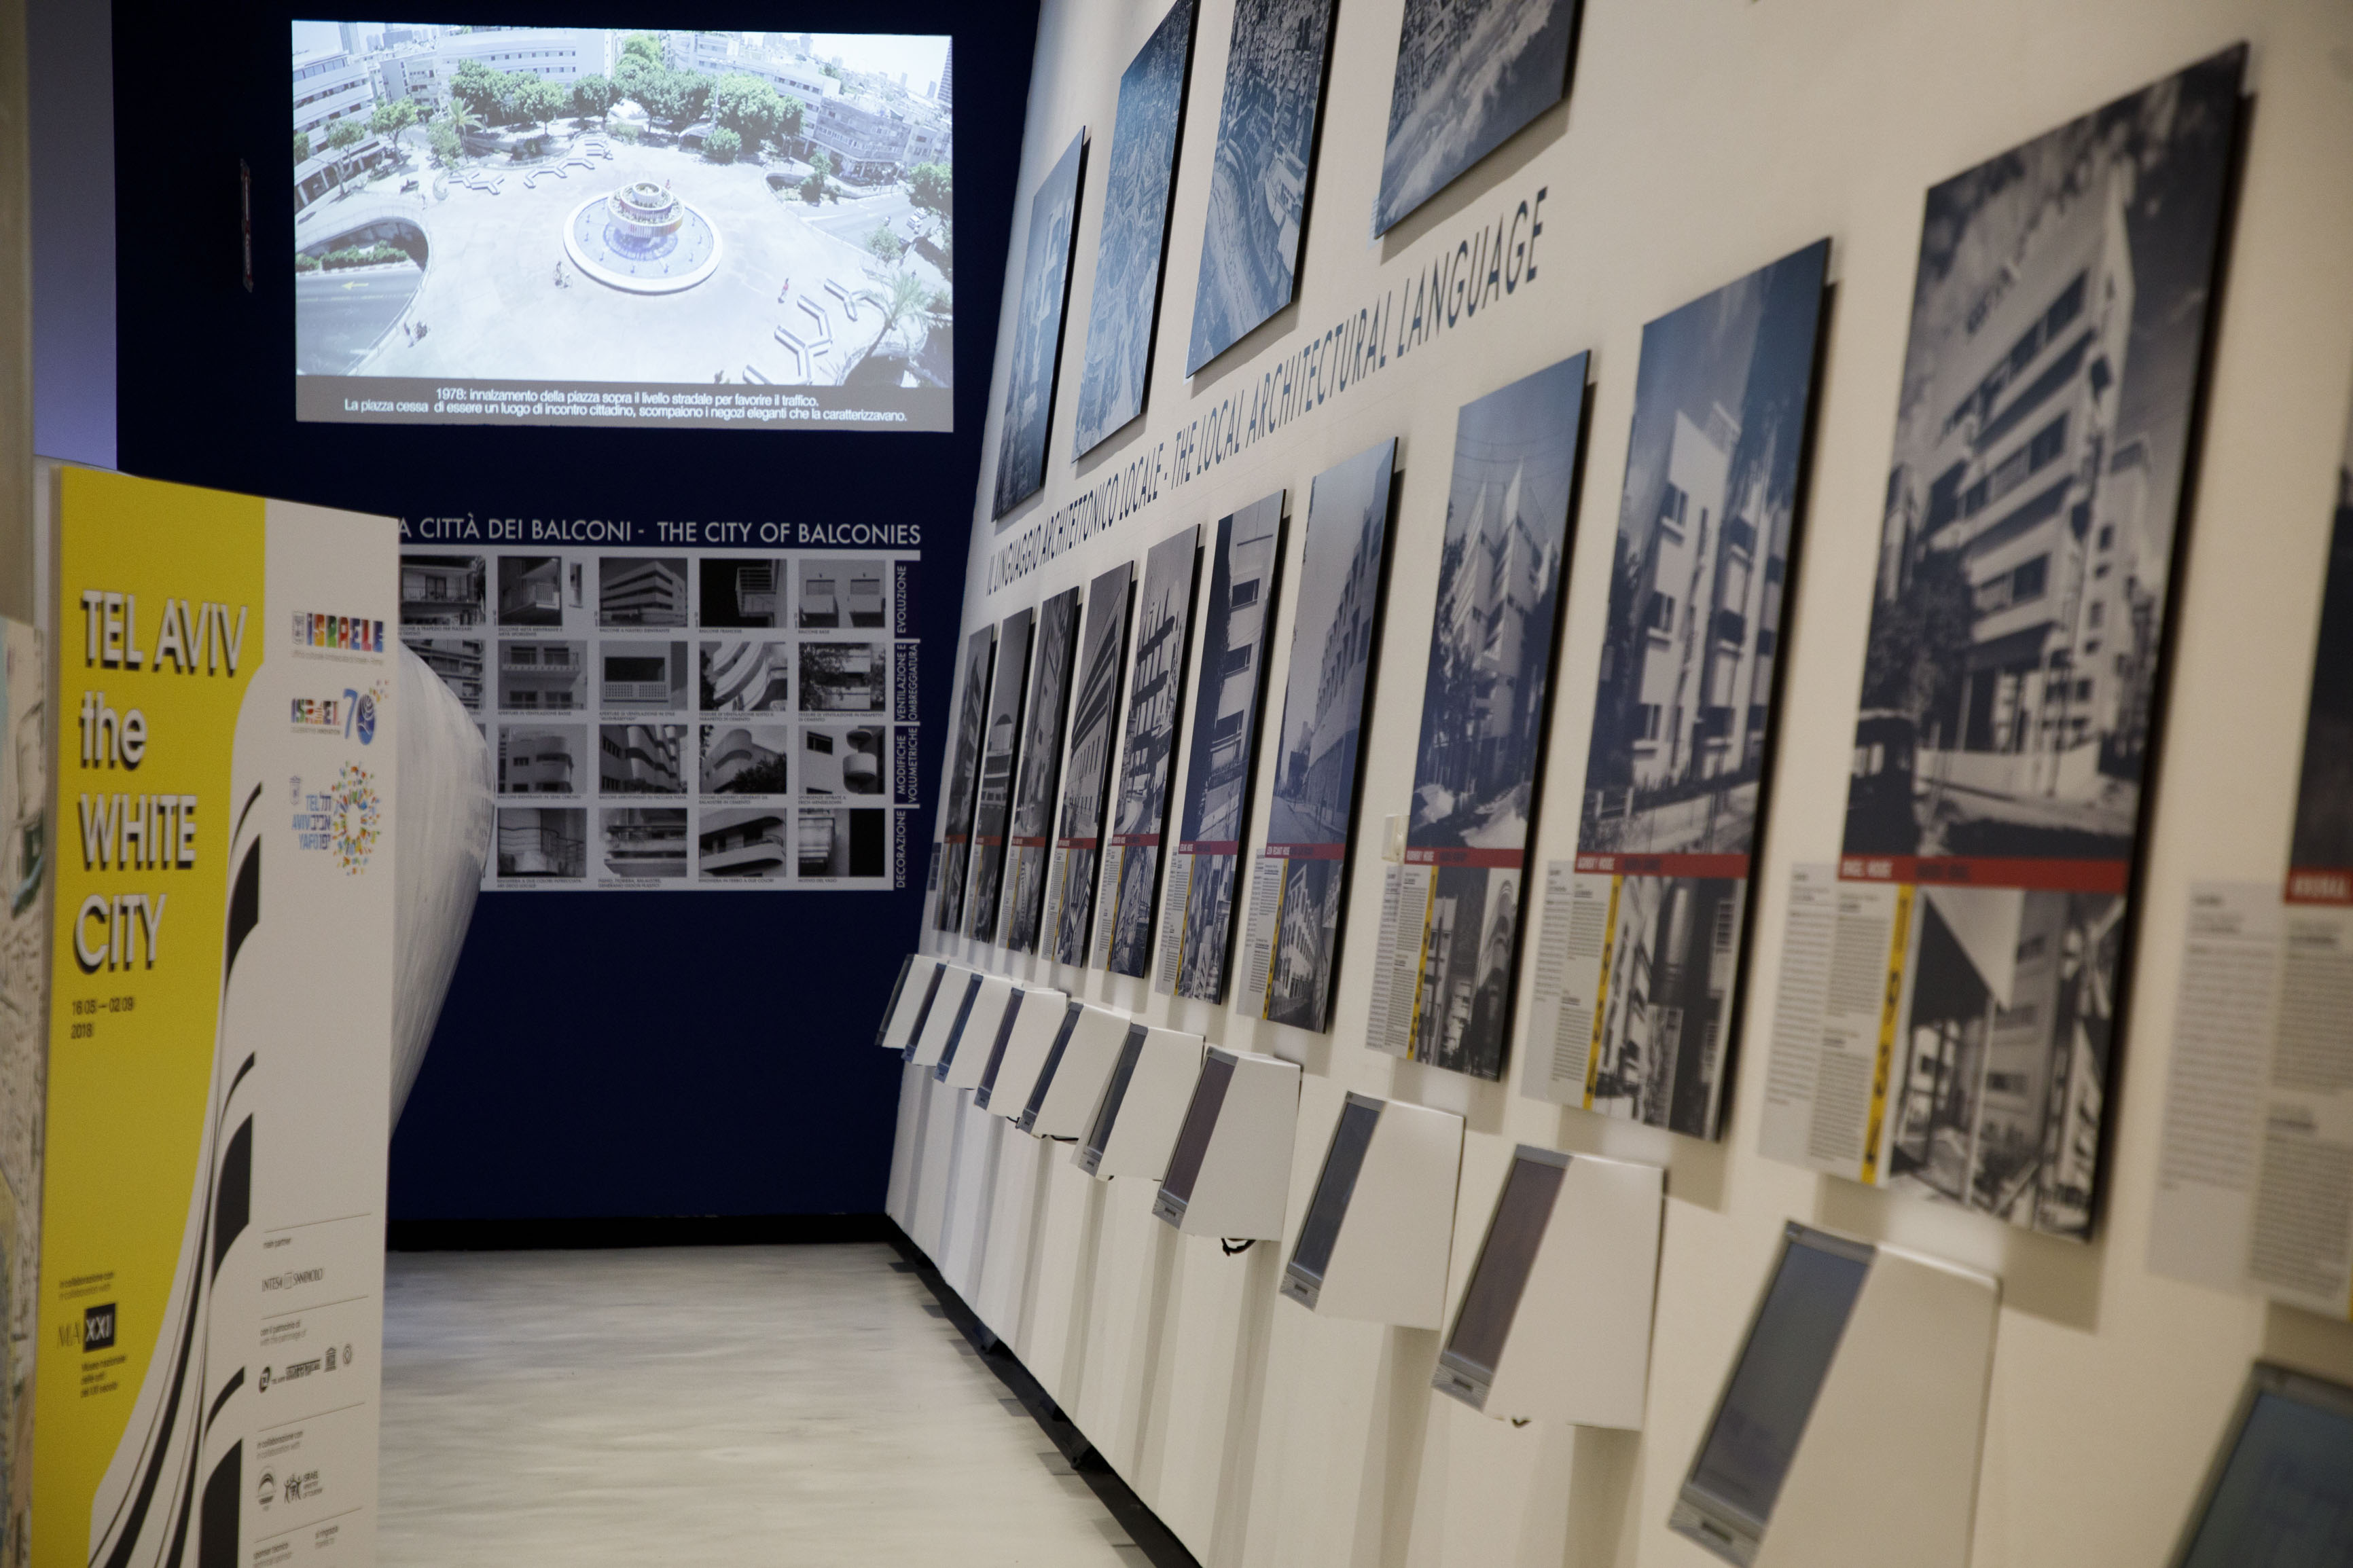 TEL AVIV THE WHITE CITY ©Musacchio & Ianniello, courtesy Fondazione MAXXI